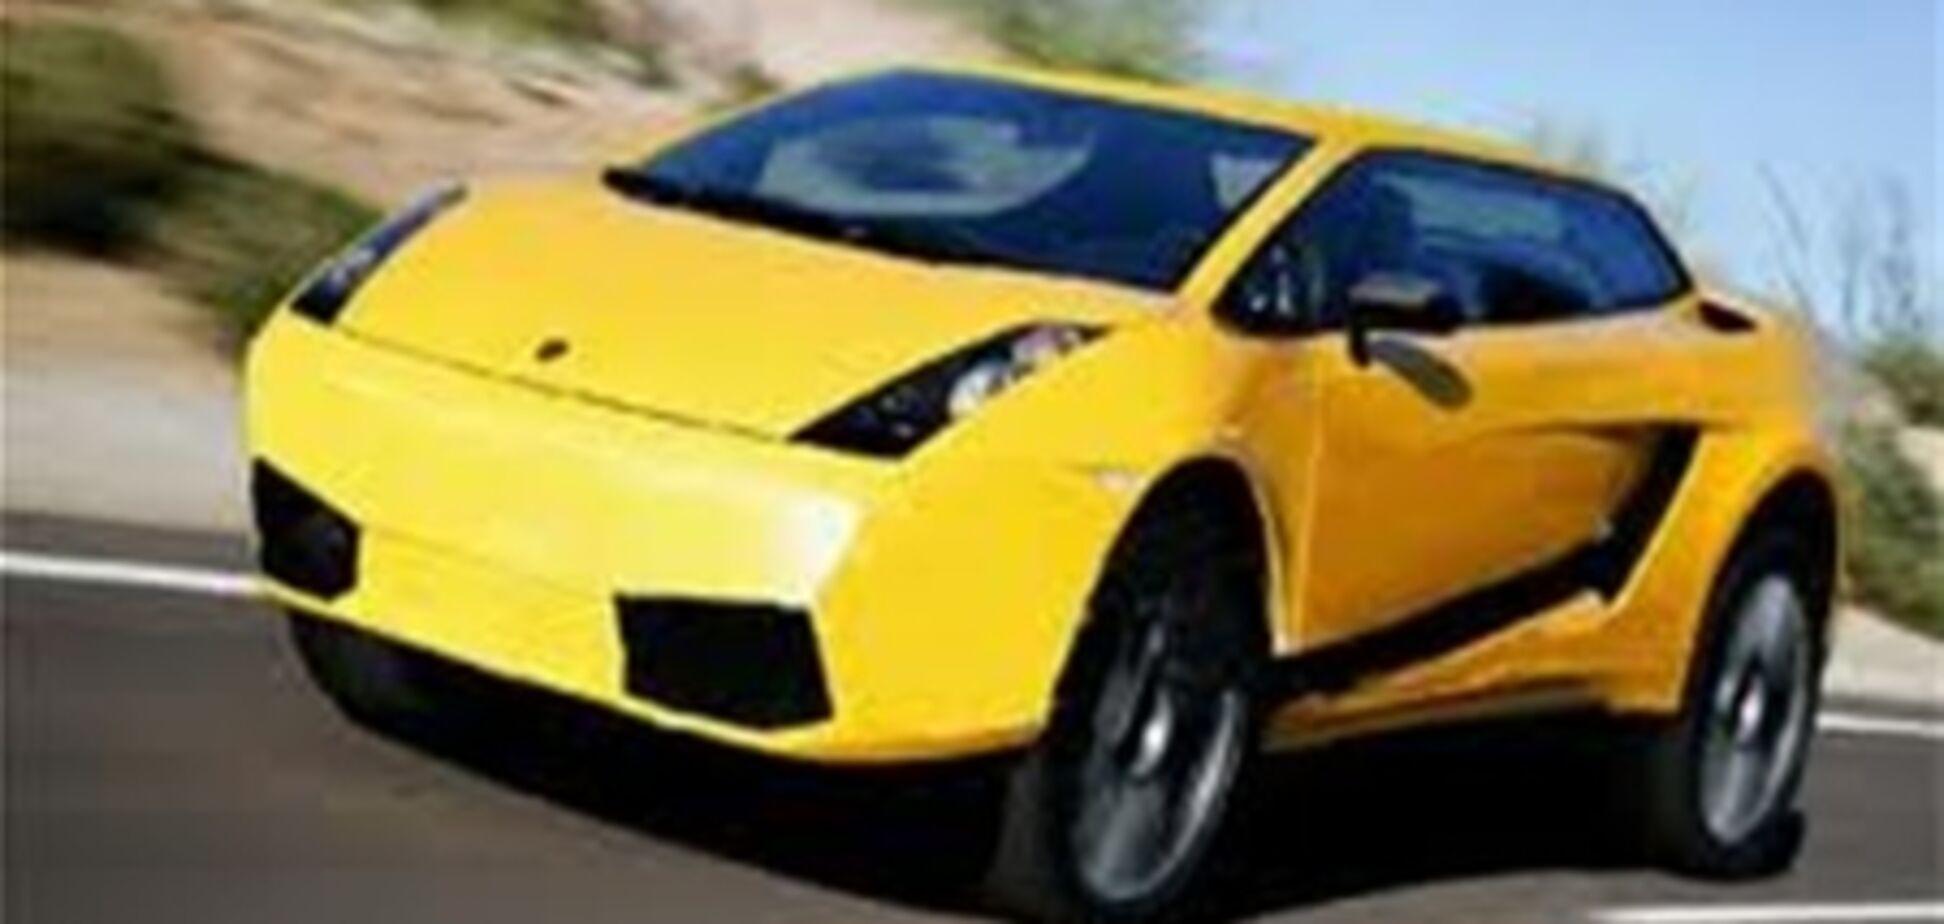 Китаец нанял людей, чтобы уничтожить свой Lamborghini. Видео